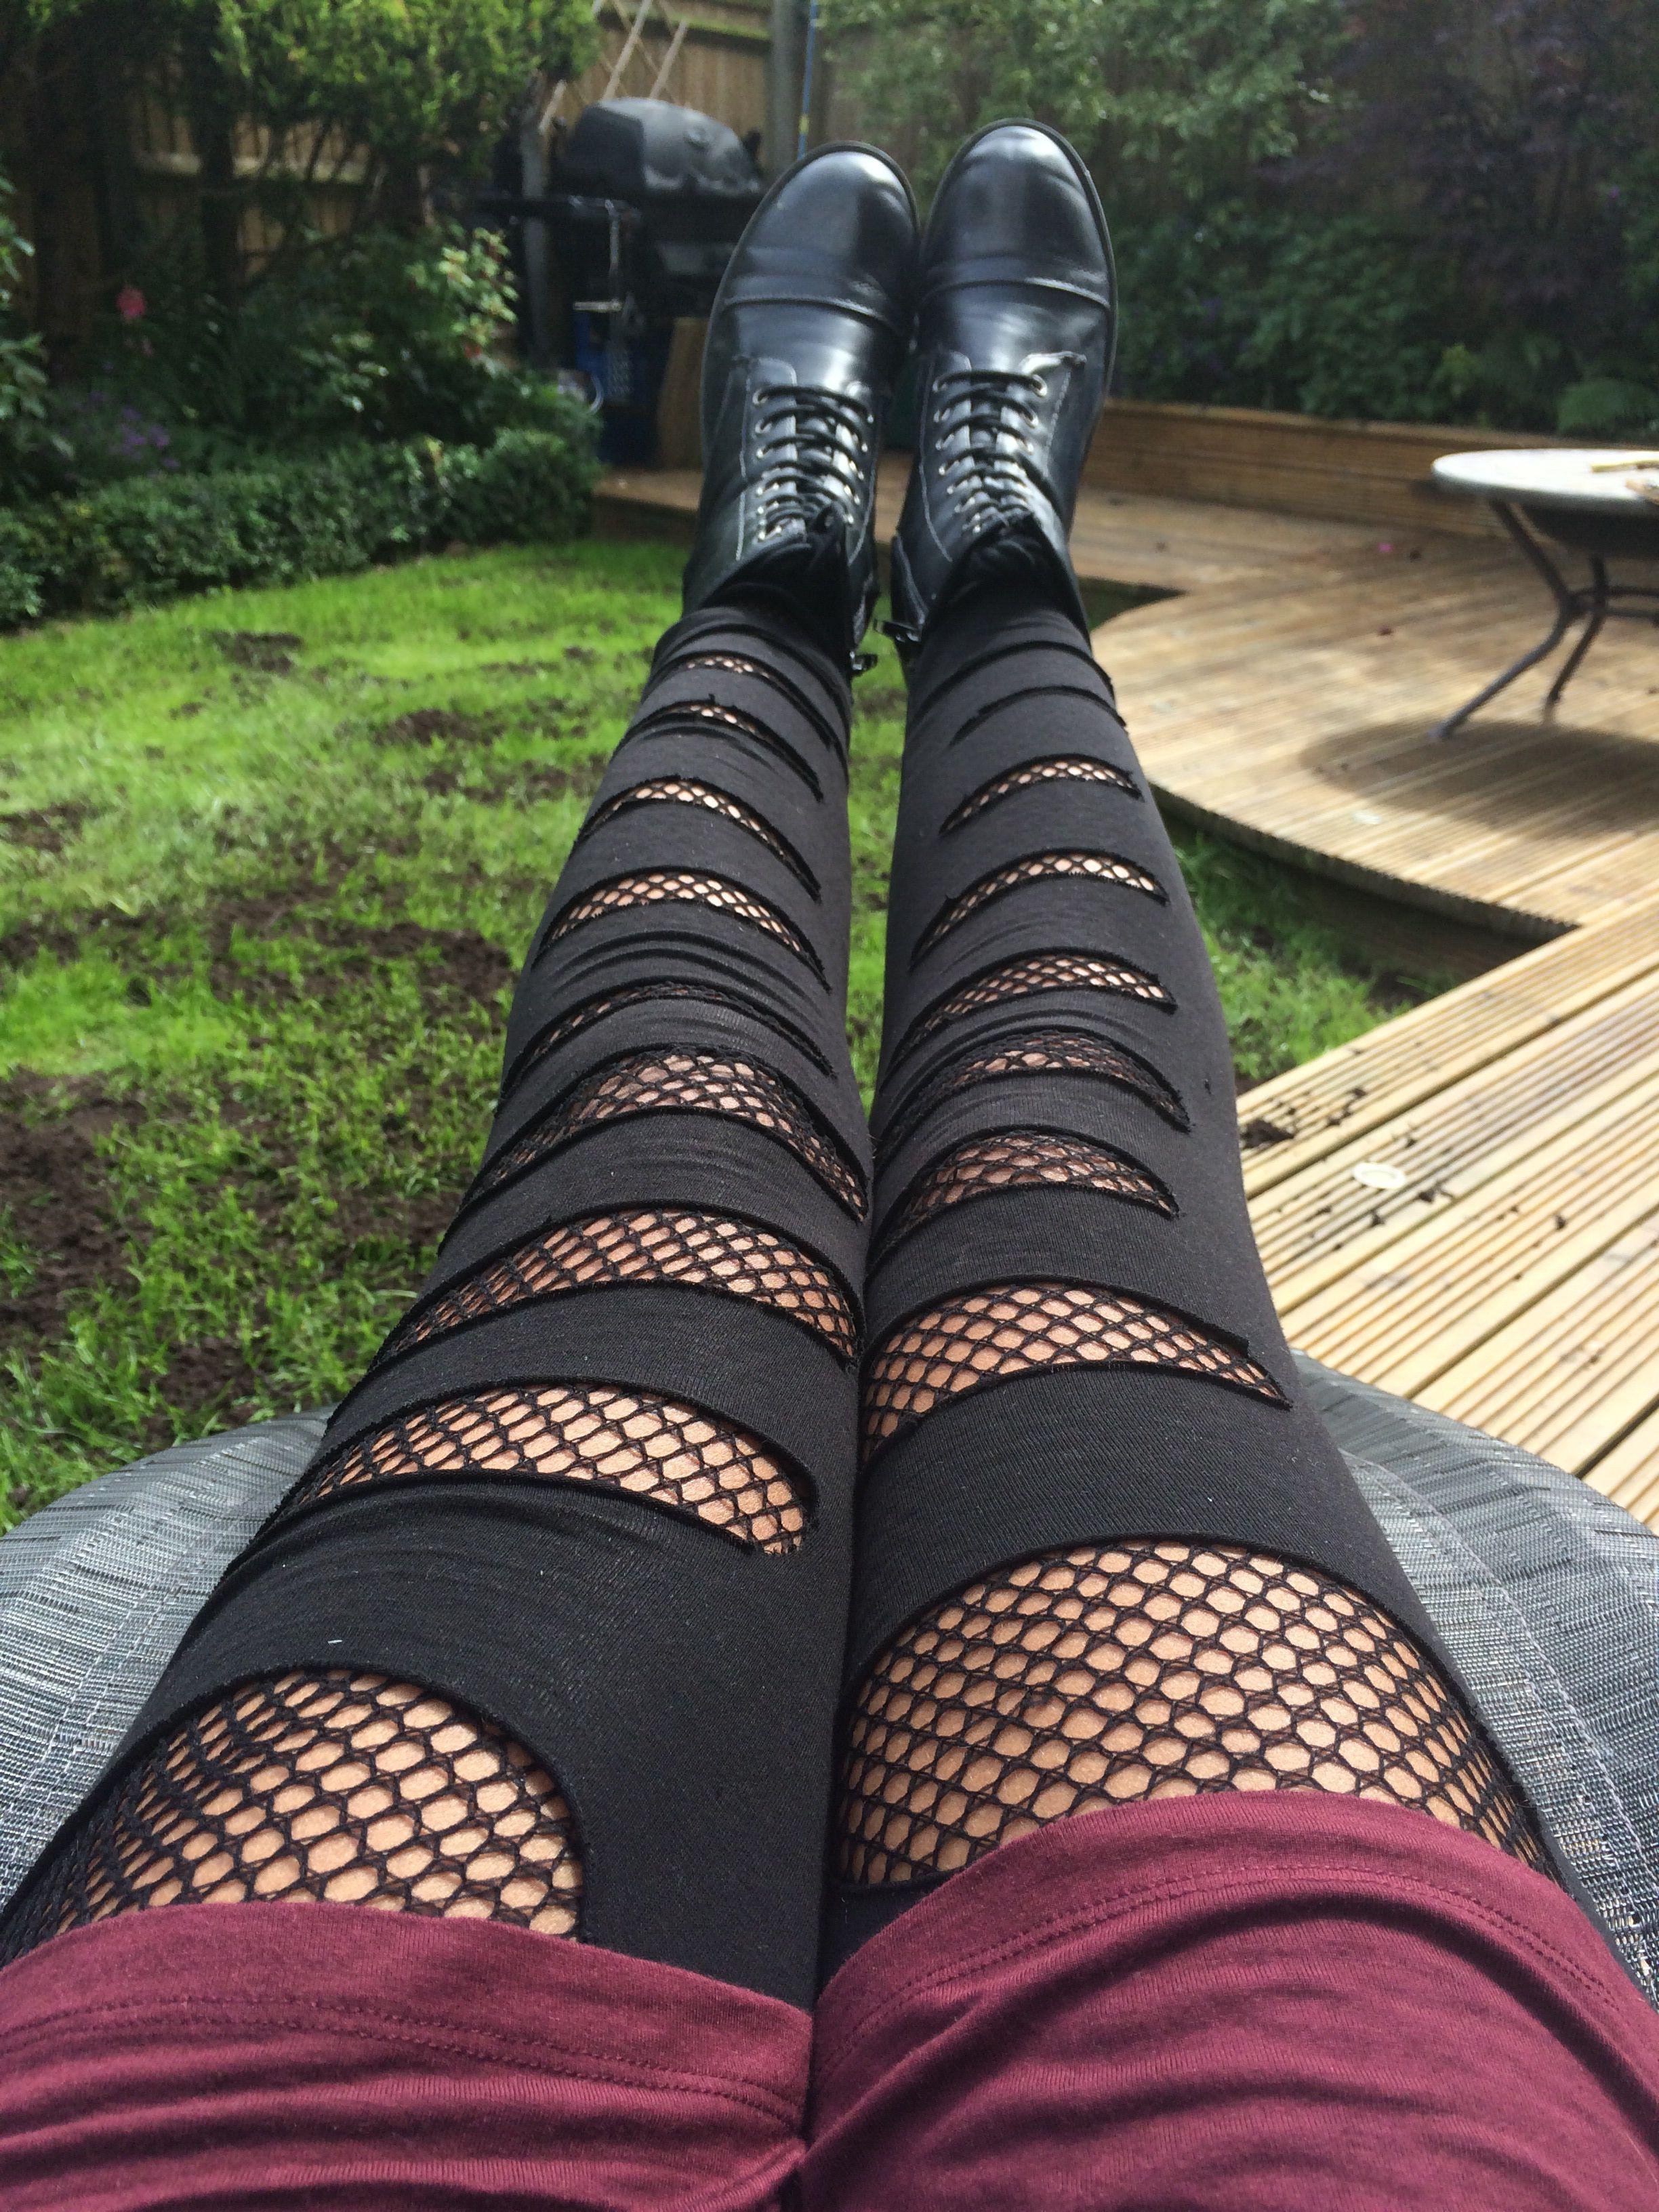 Leggings kombinieren 2019: Diese Oberteile und Schuhe passen perfekt! #rockermode